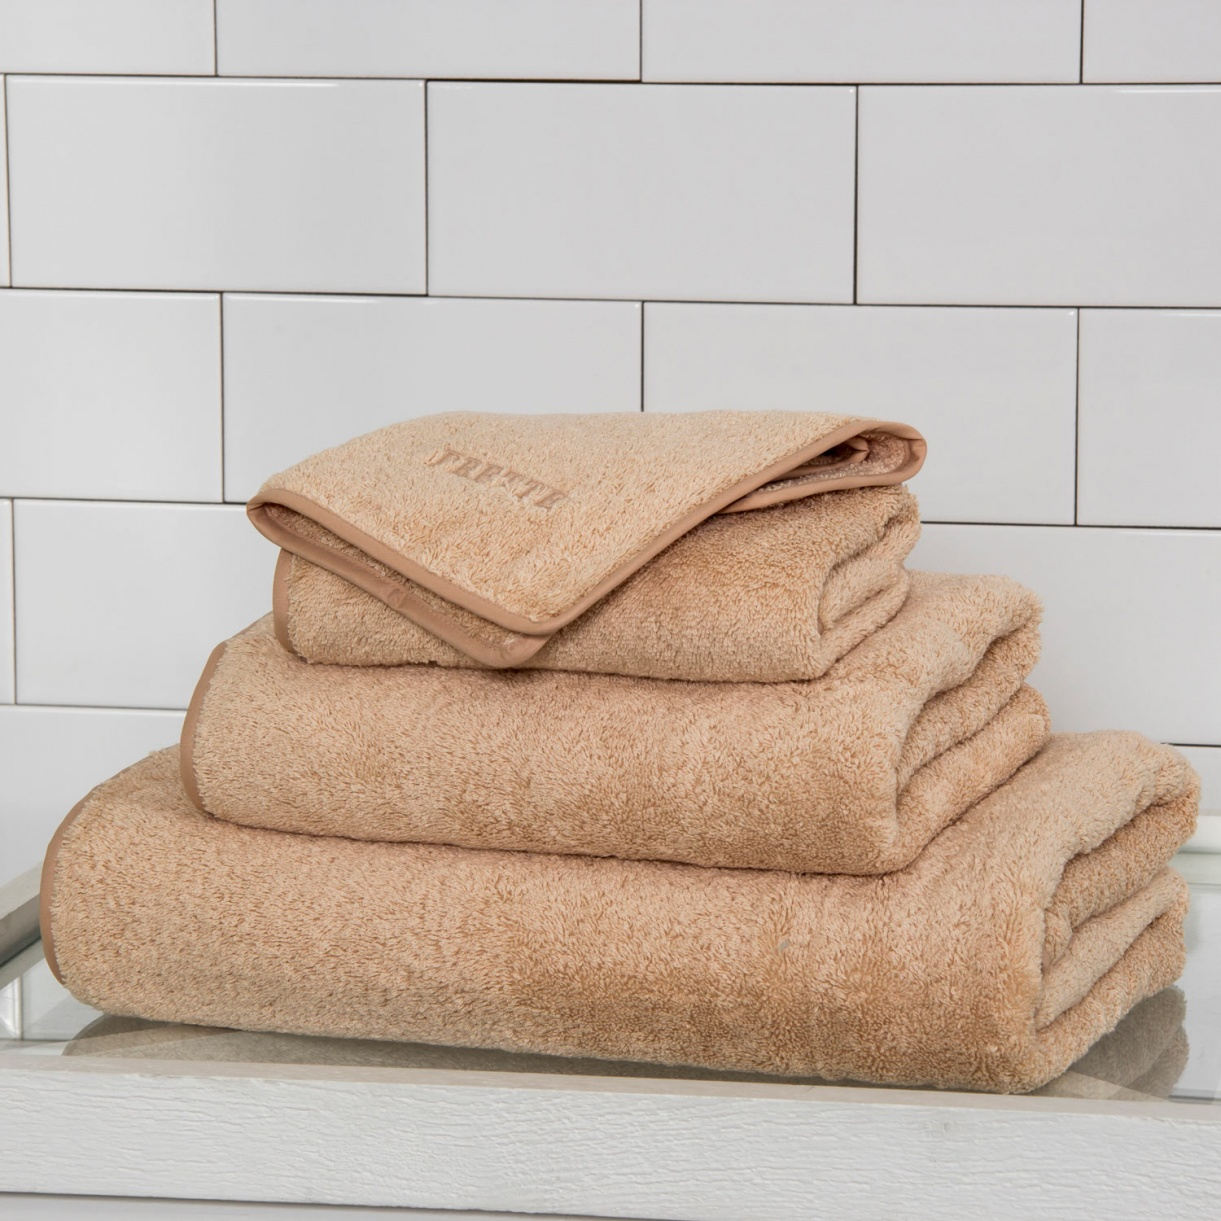 полотенце 60X110 см SOLID TOWEL Frette  –  Общий вид